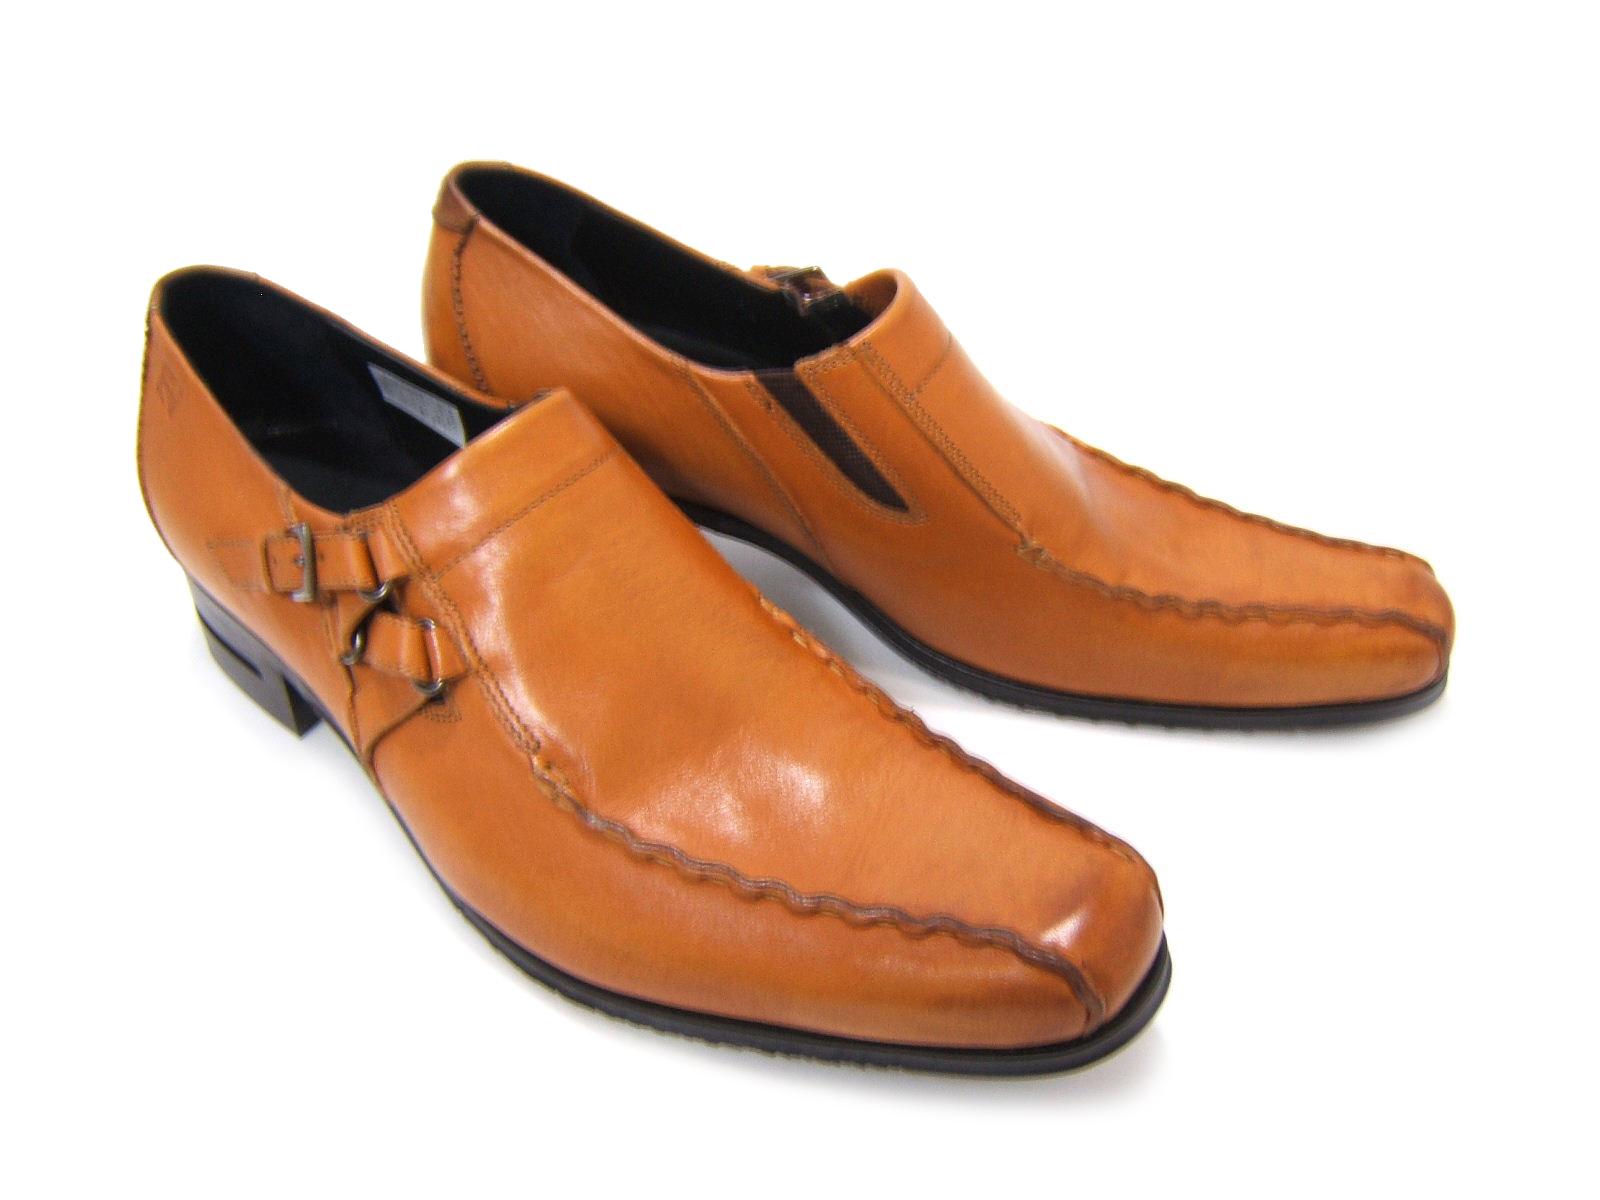 シンプルながら落ち着きのあるブリティッシュスタイル!KATHARINE HAMNETT LONDON キャサリン ハムネット ロンドン紳士靴 31554 ブラウン スワールモカ 変形モンクストラップ カジュアル パーティ 送料無料